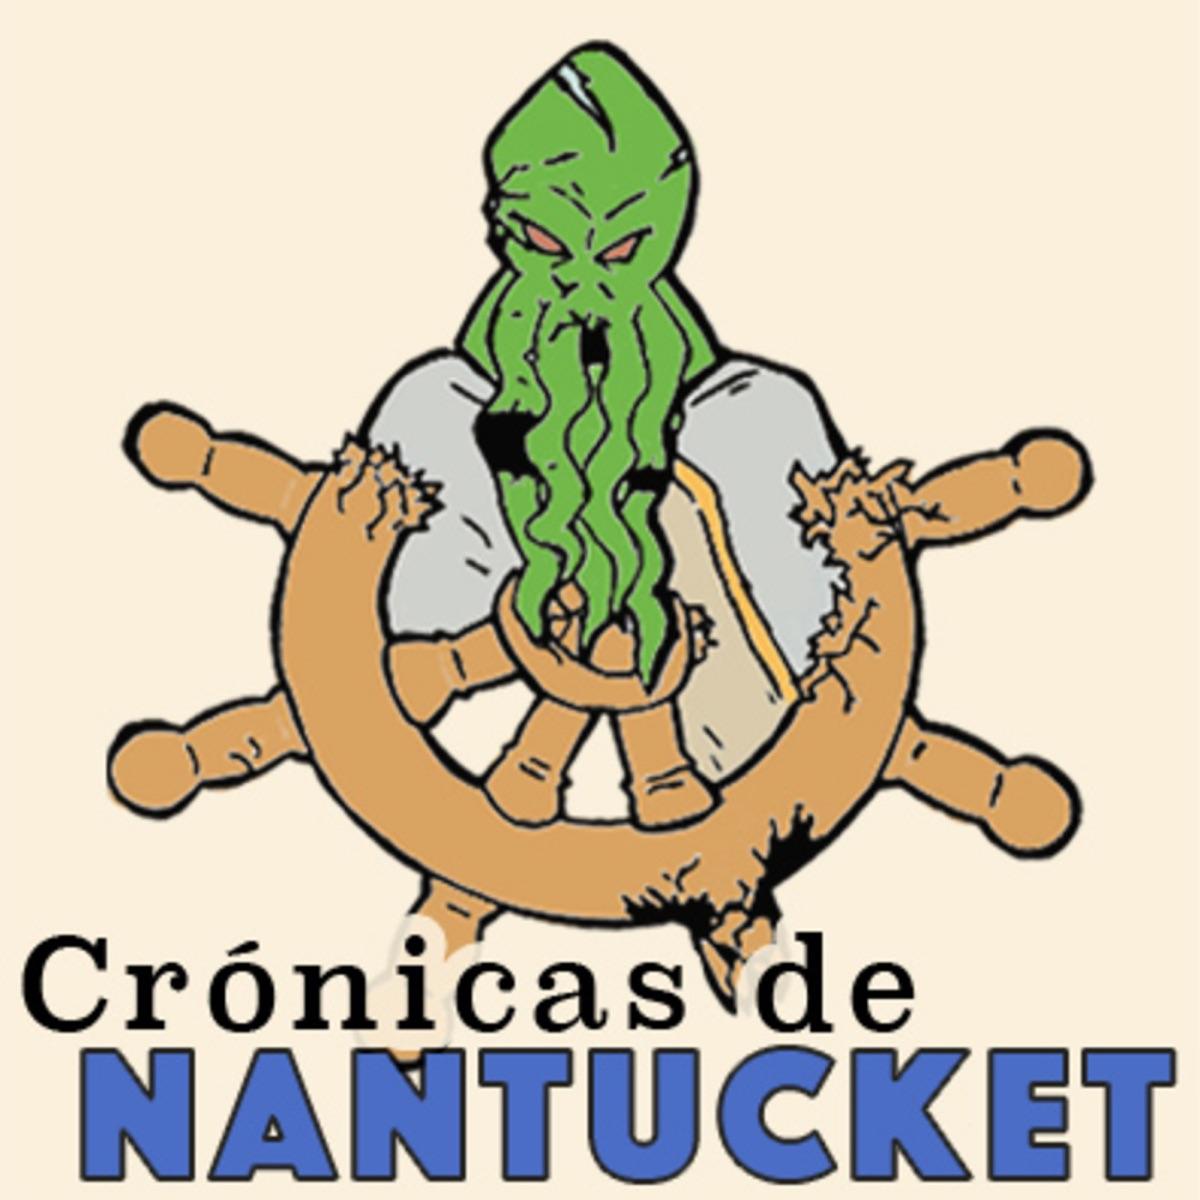 Crónicas de Nantucket